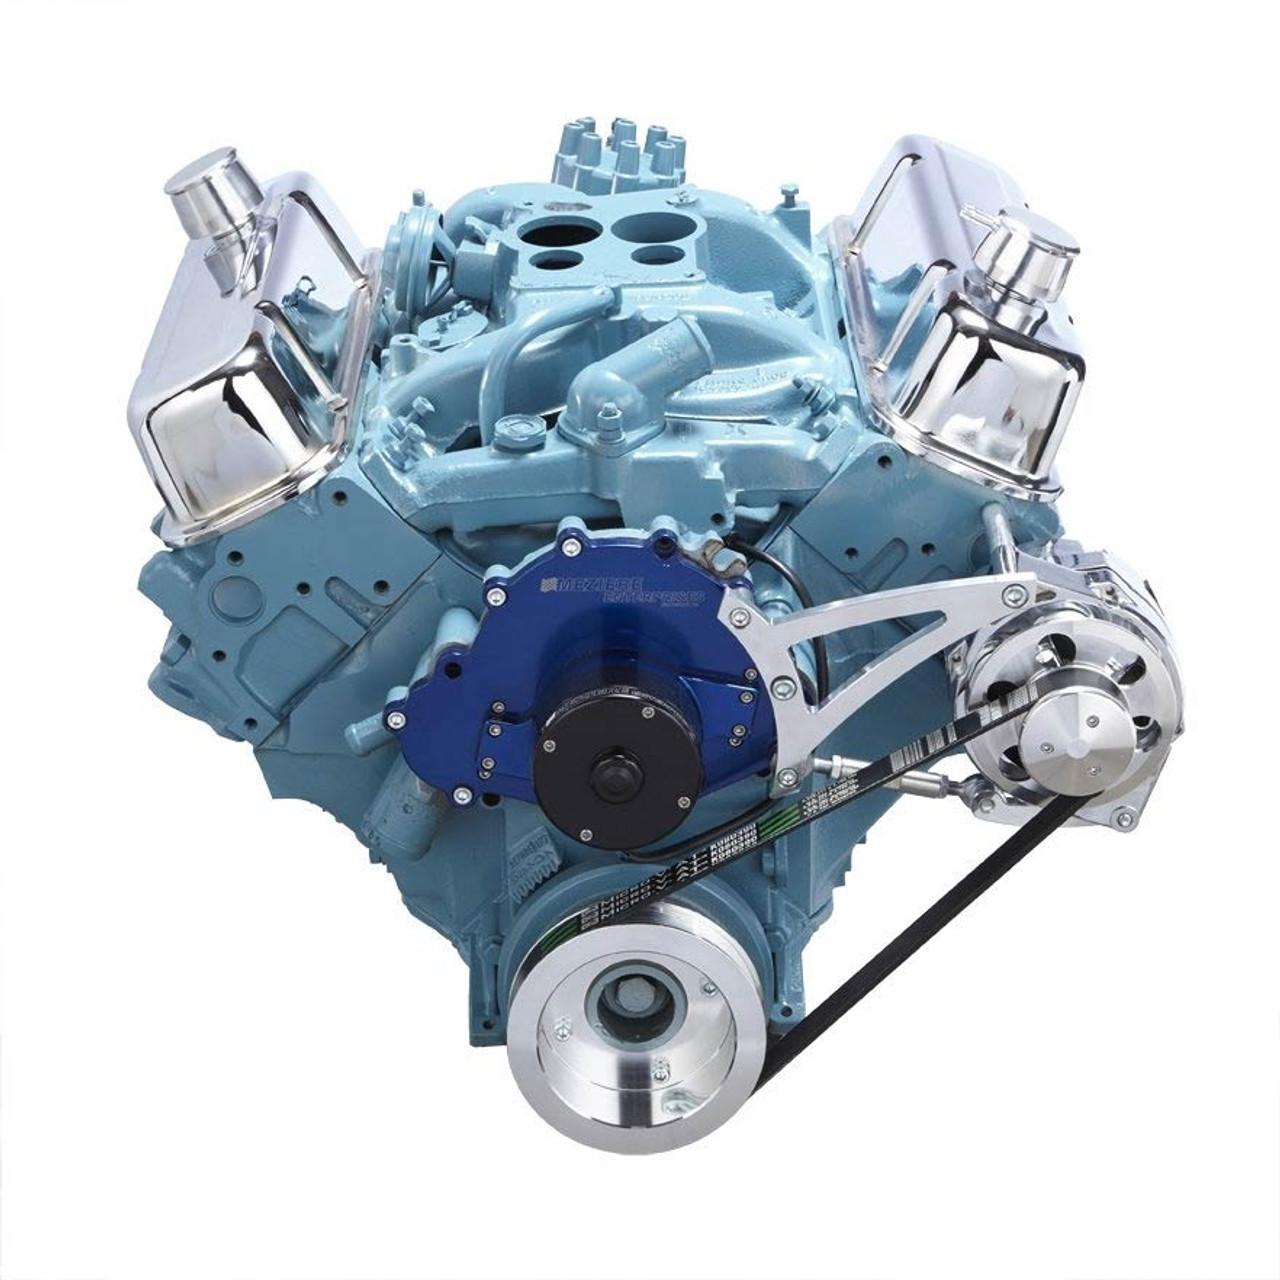 Lexus Gs300 Spark Plugs Diagram On 2000 Lexus Gs 400 Engine Diagram